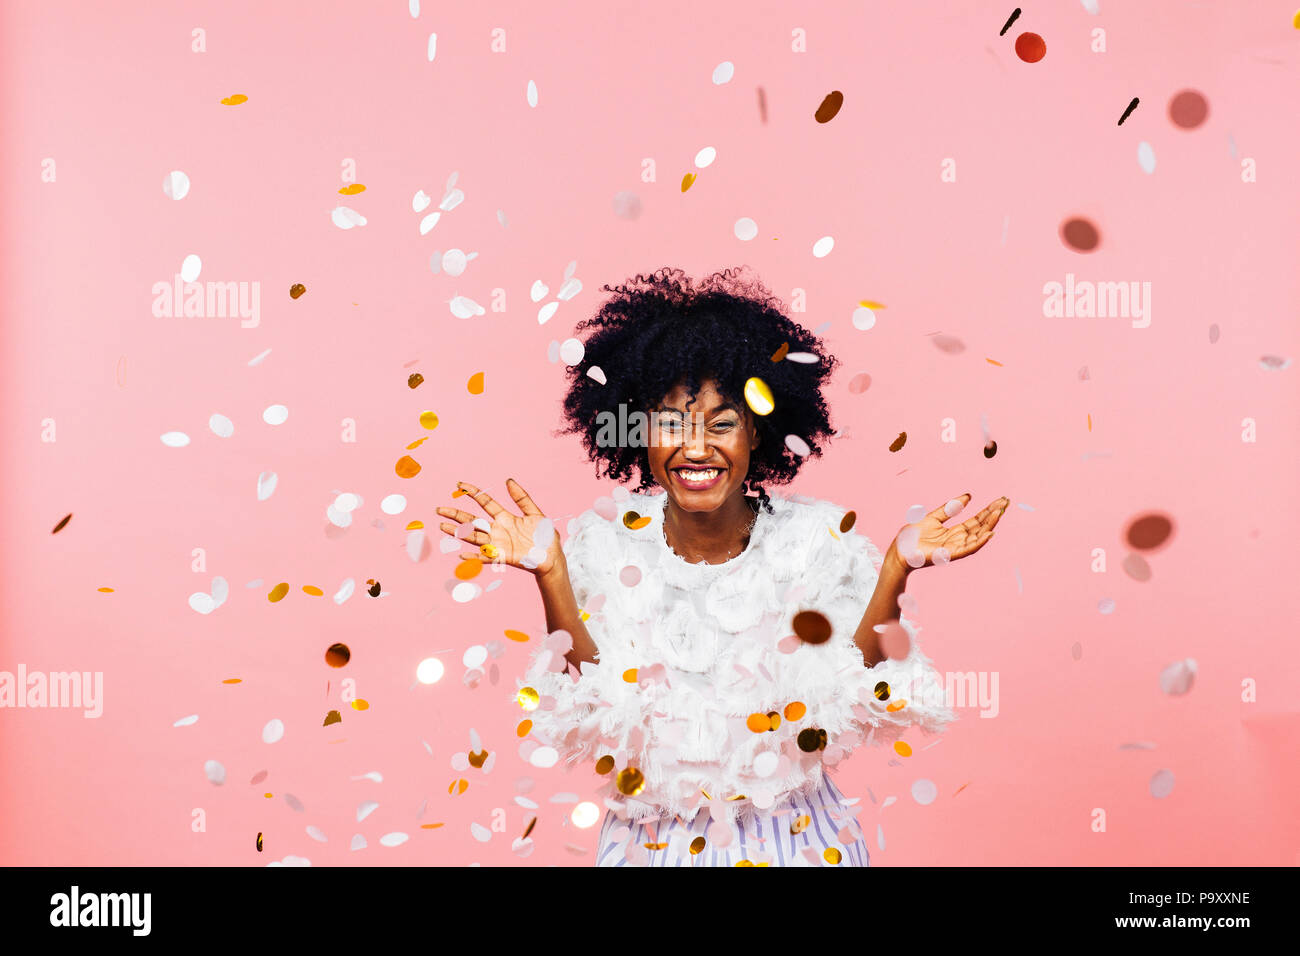 Celebrando la felicidad, mujer joven con gran sonrisa lanzando confeti Imagen De Stock